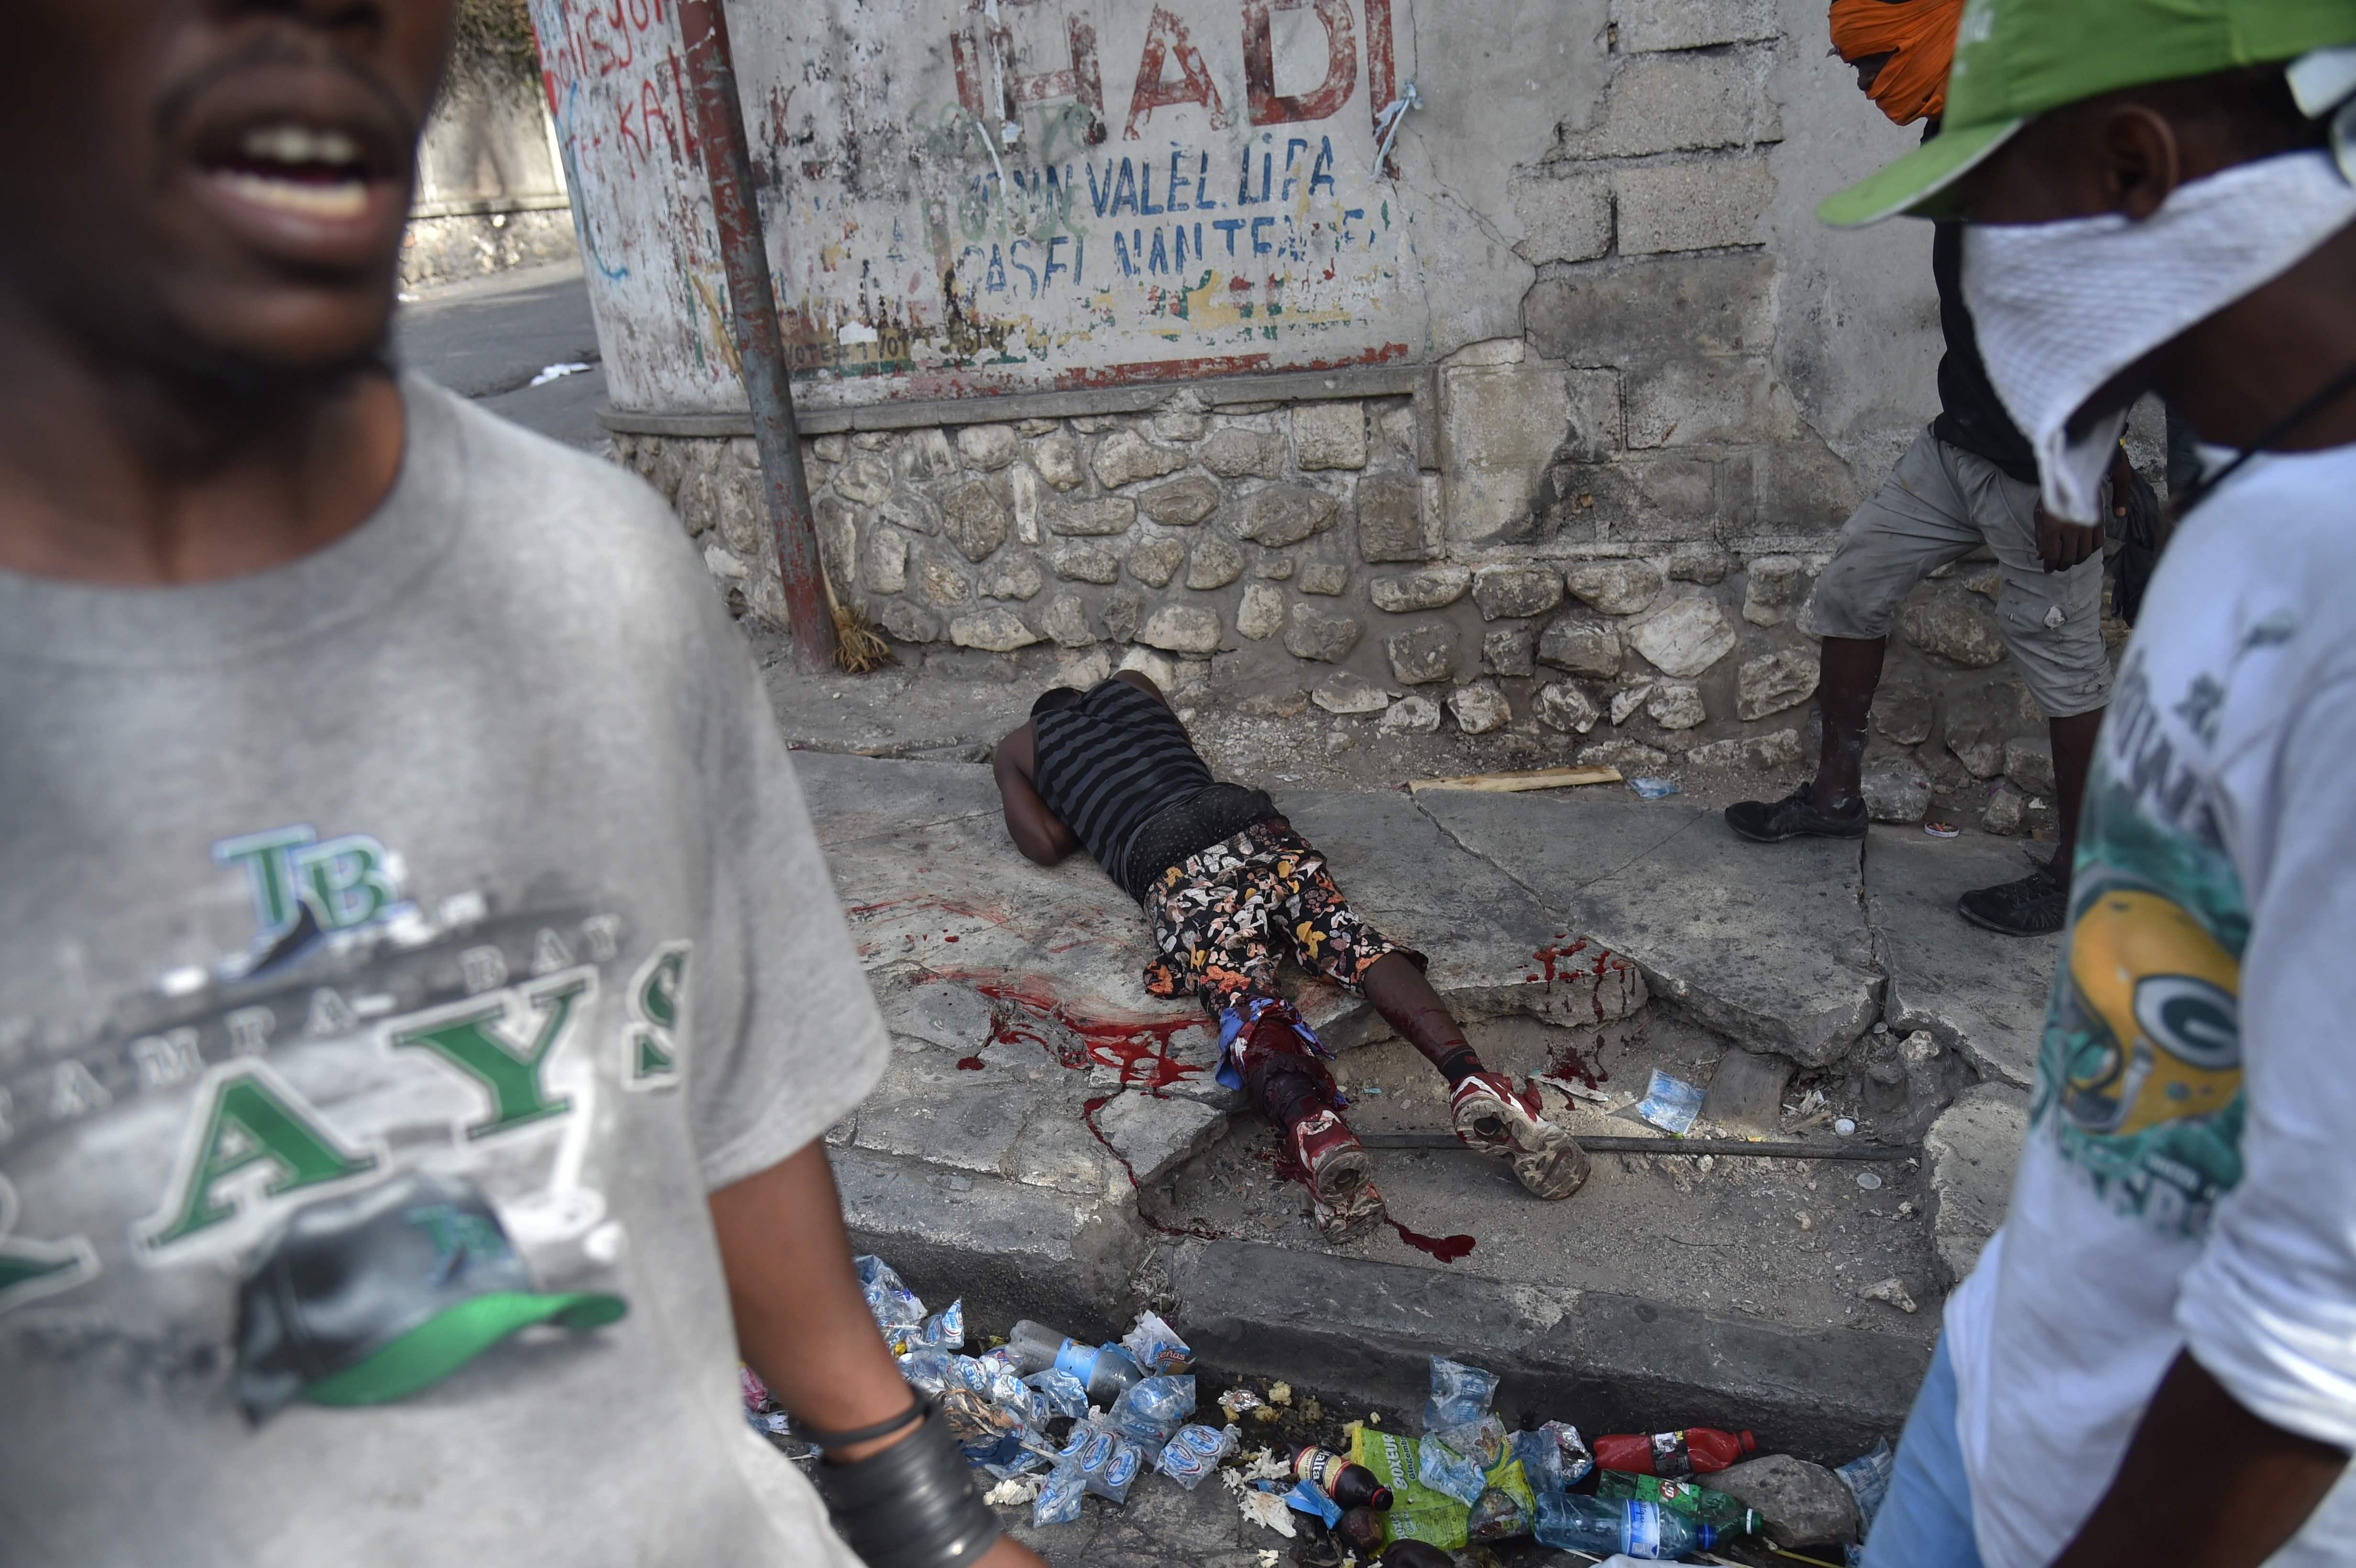 أحد المصابين برصاص الأمن